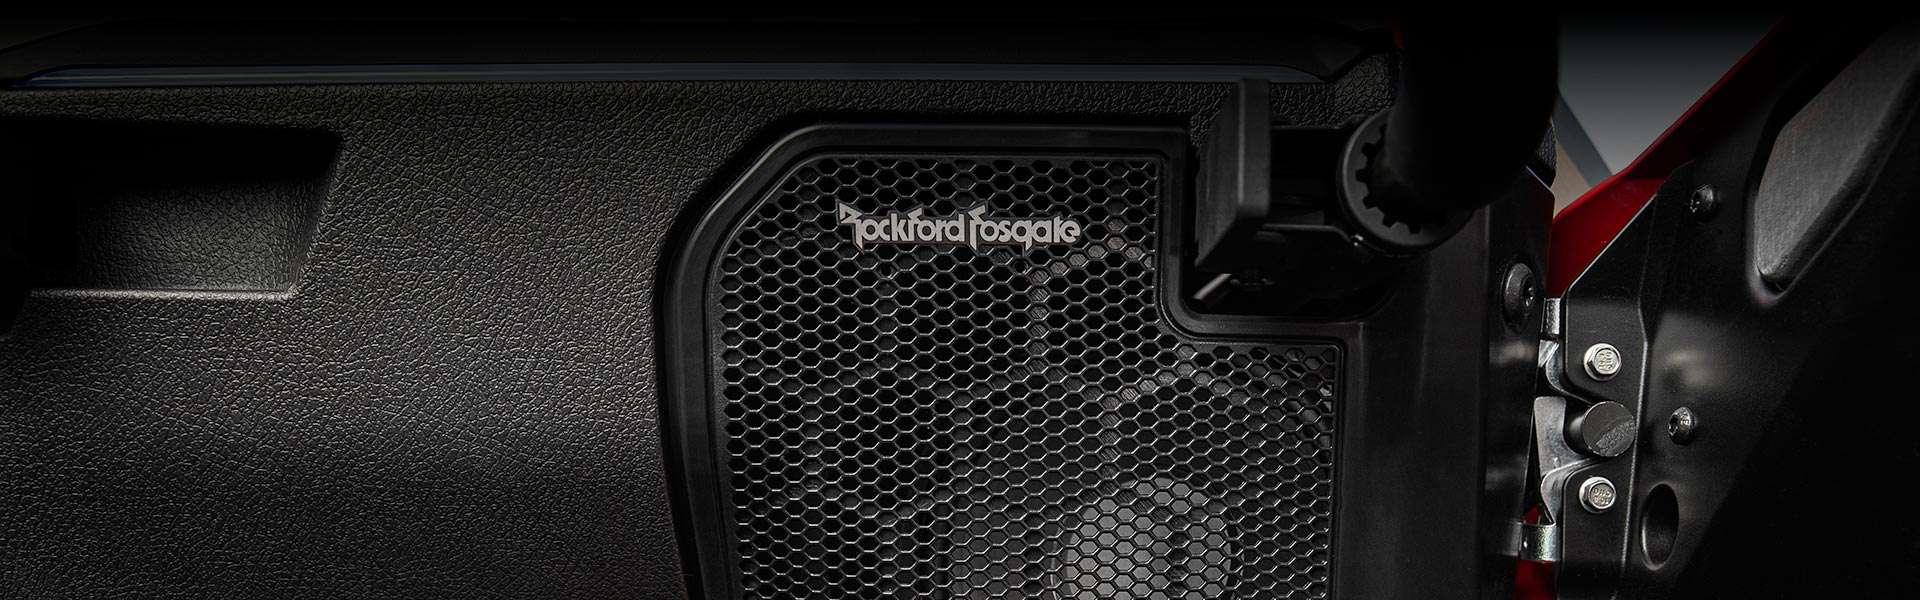 Rockford fosgate lydanlæg i RZR Pro Ultimate